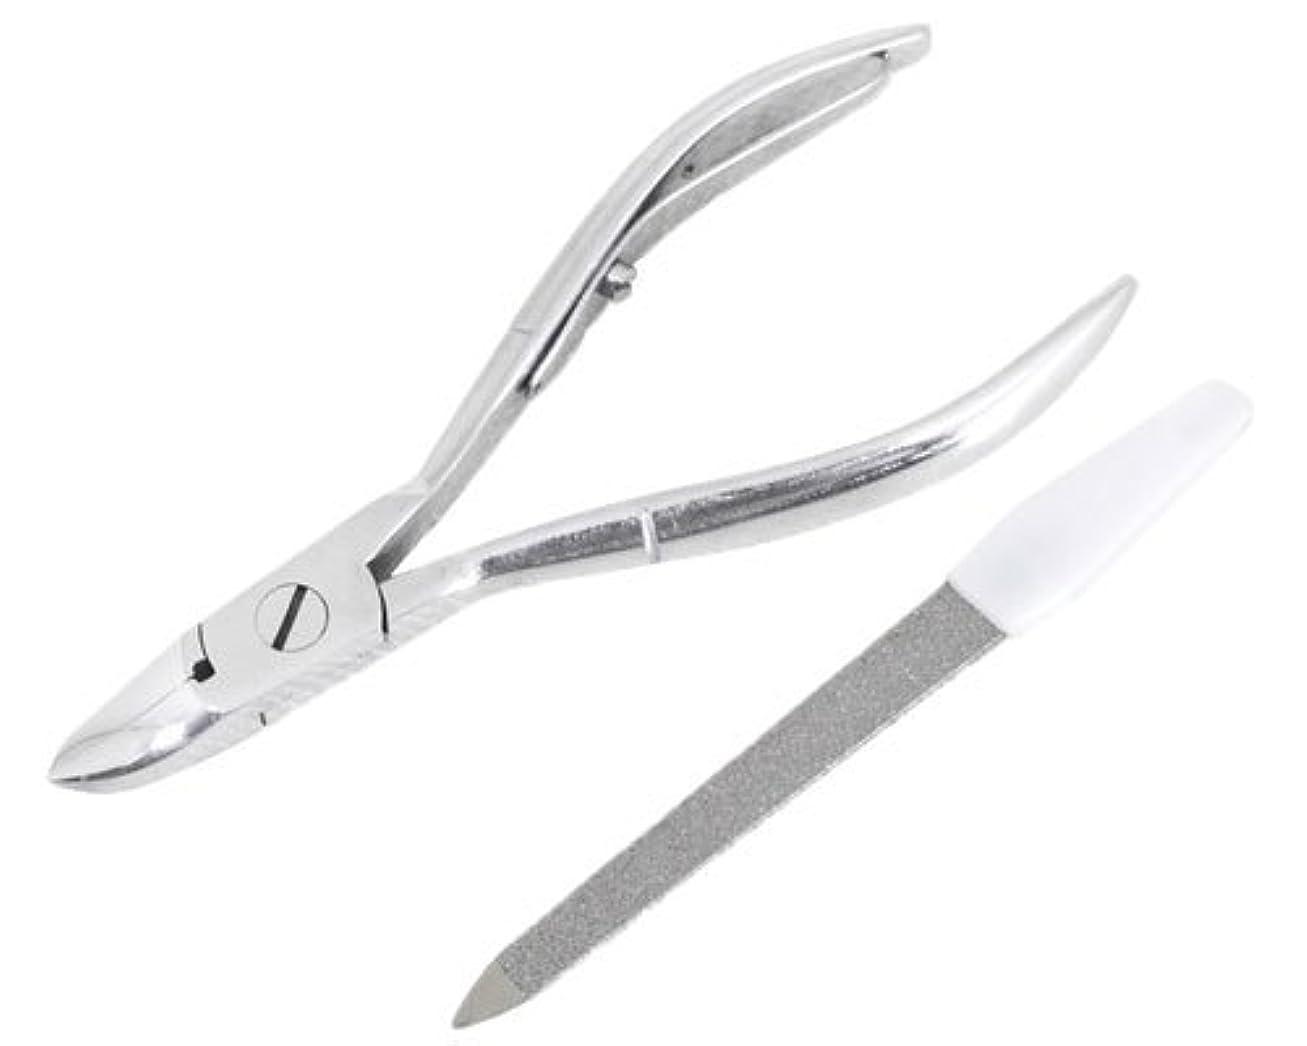 汚物モールス信号思春期ニッパー型爪切り 爪仕上げヤスリ付 F-21 (スミカマ)